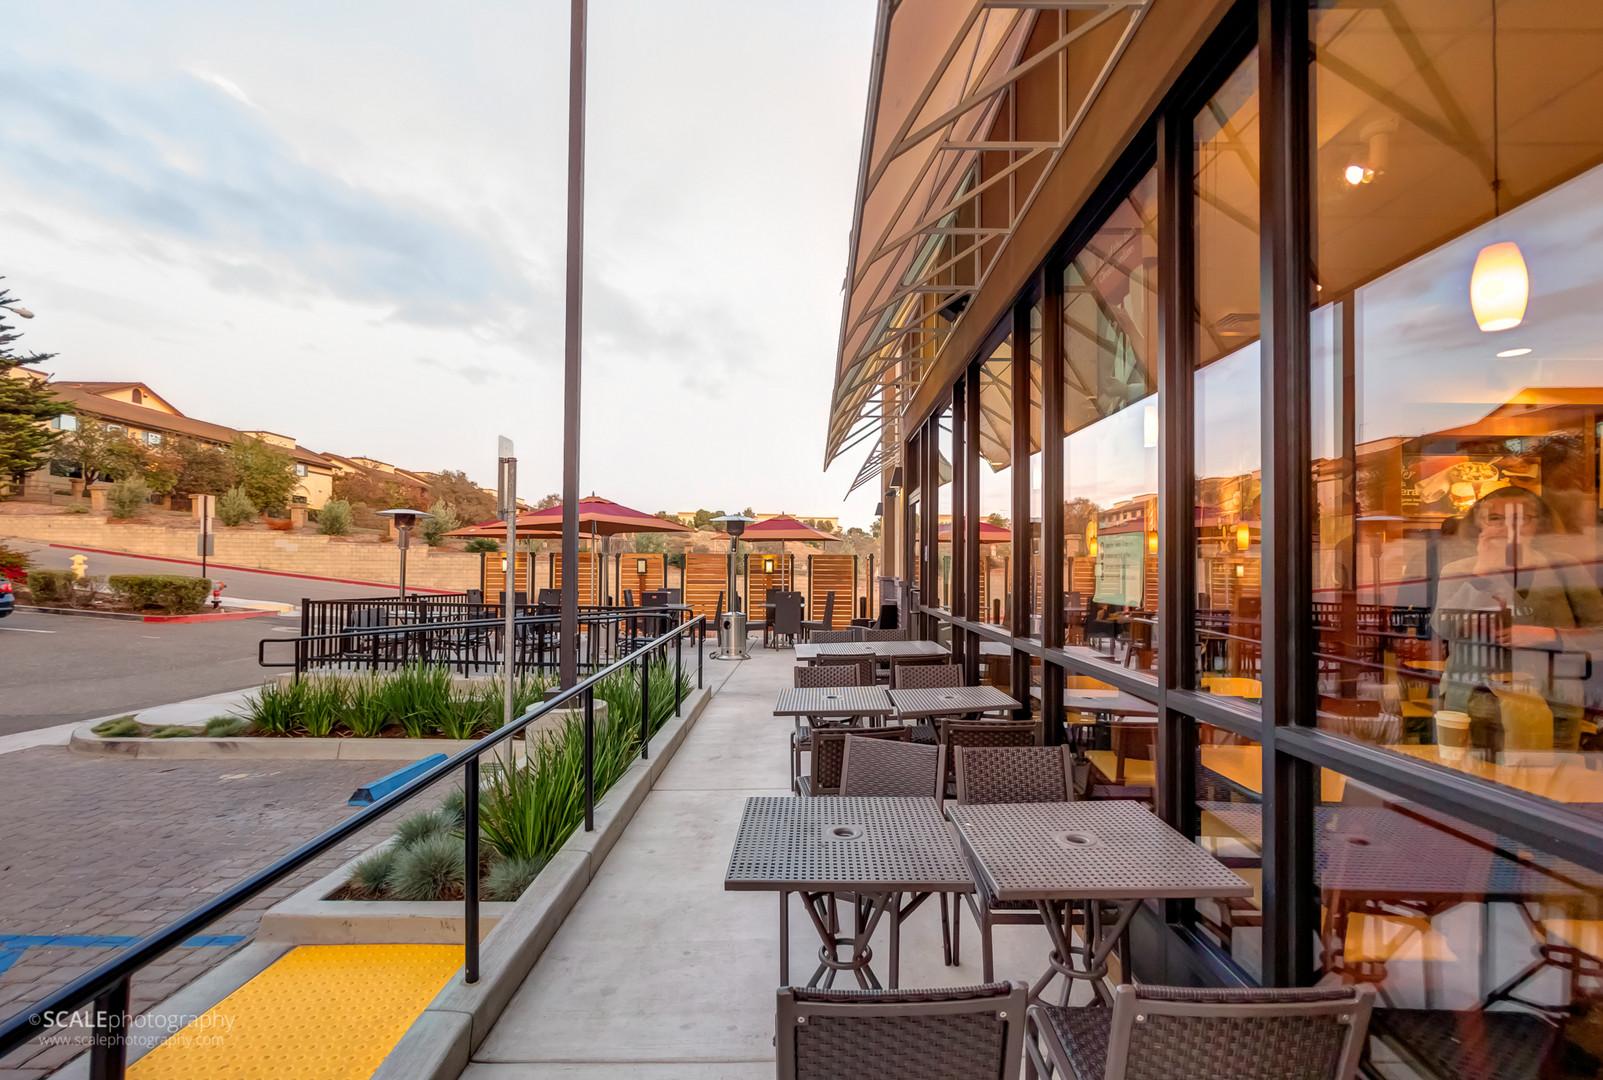 Panara Bread- Arroyo Grande, CA